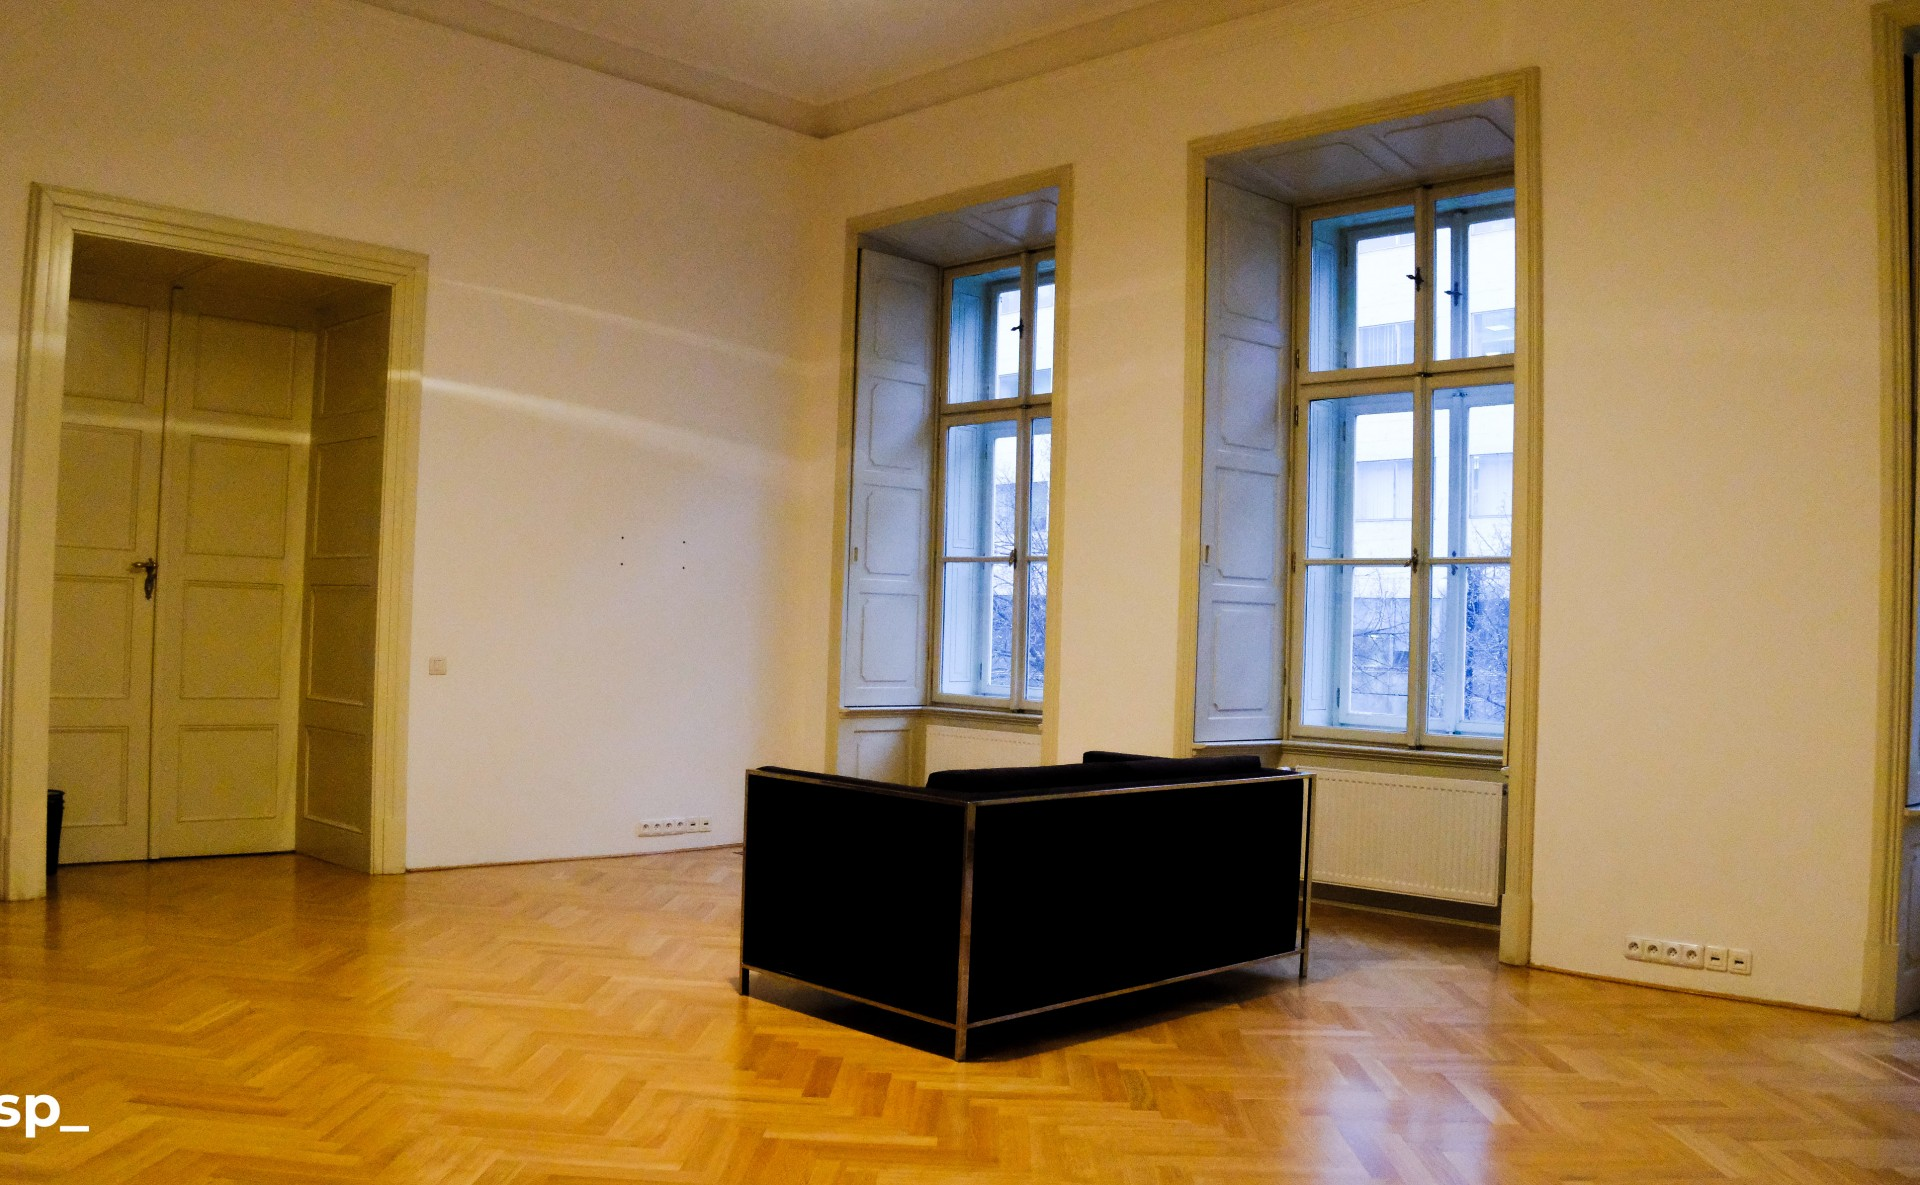 Pronájem kanceláří Slovanský dům